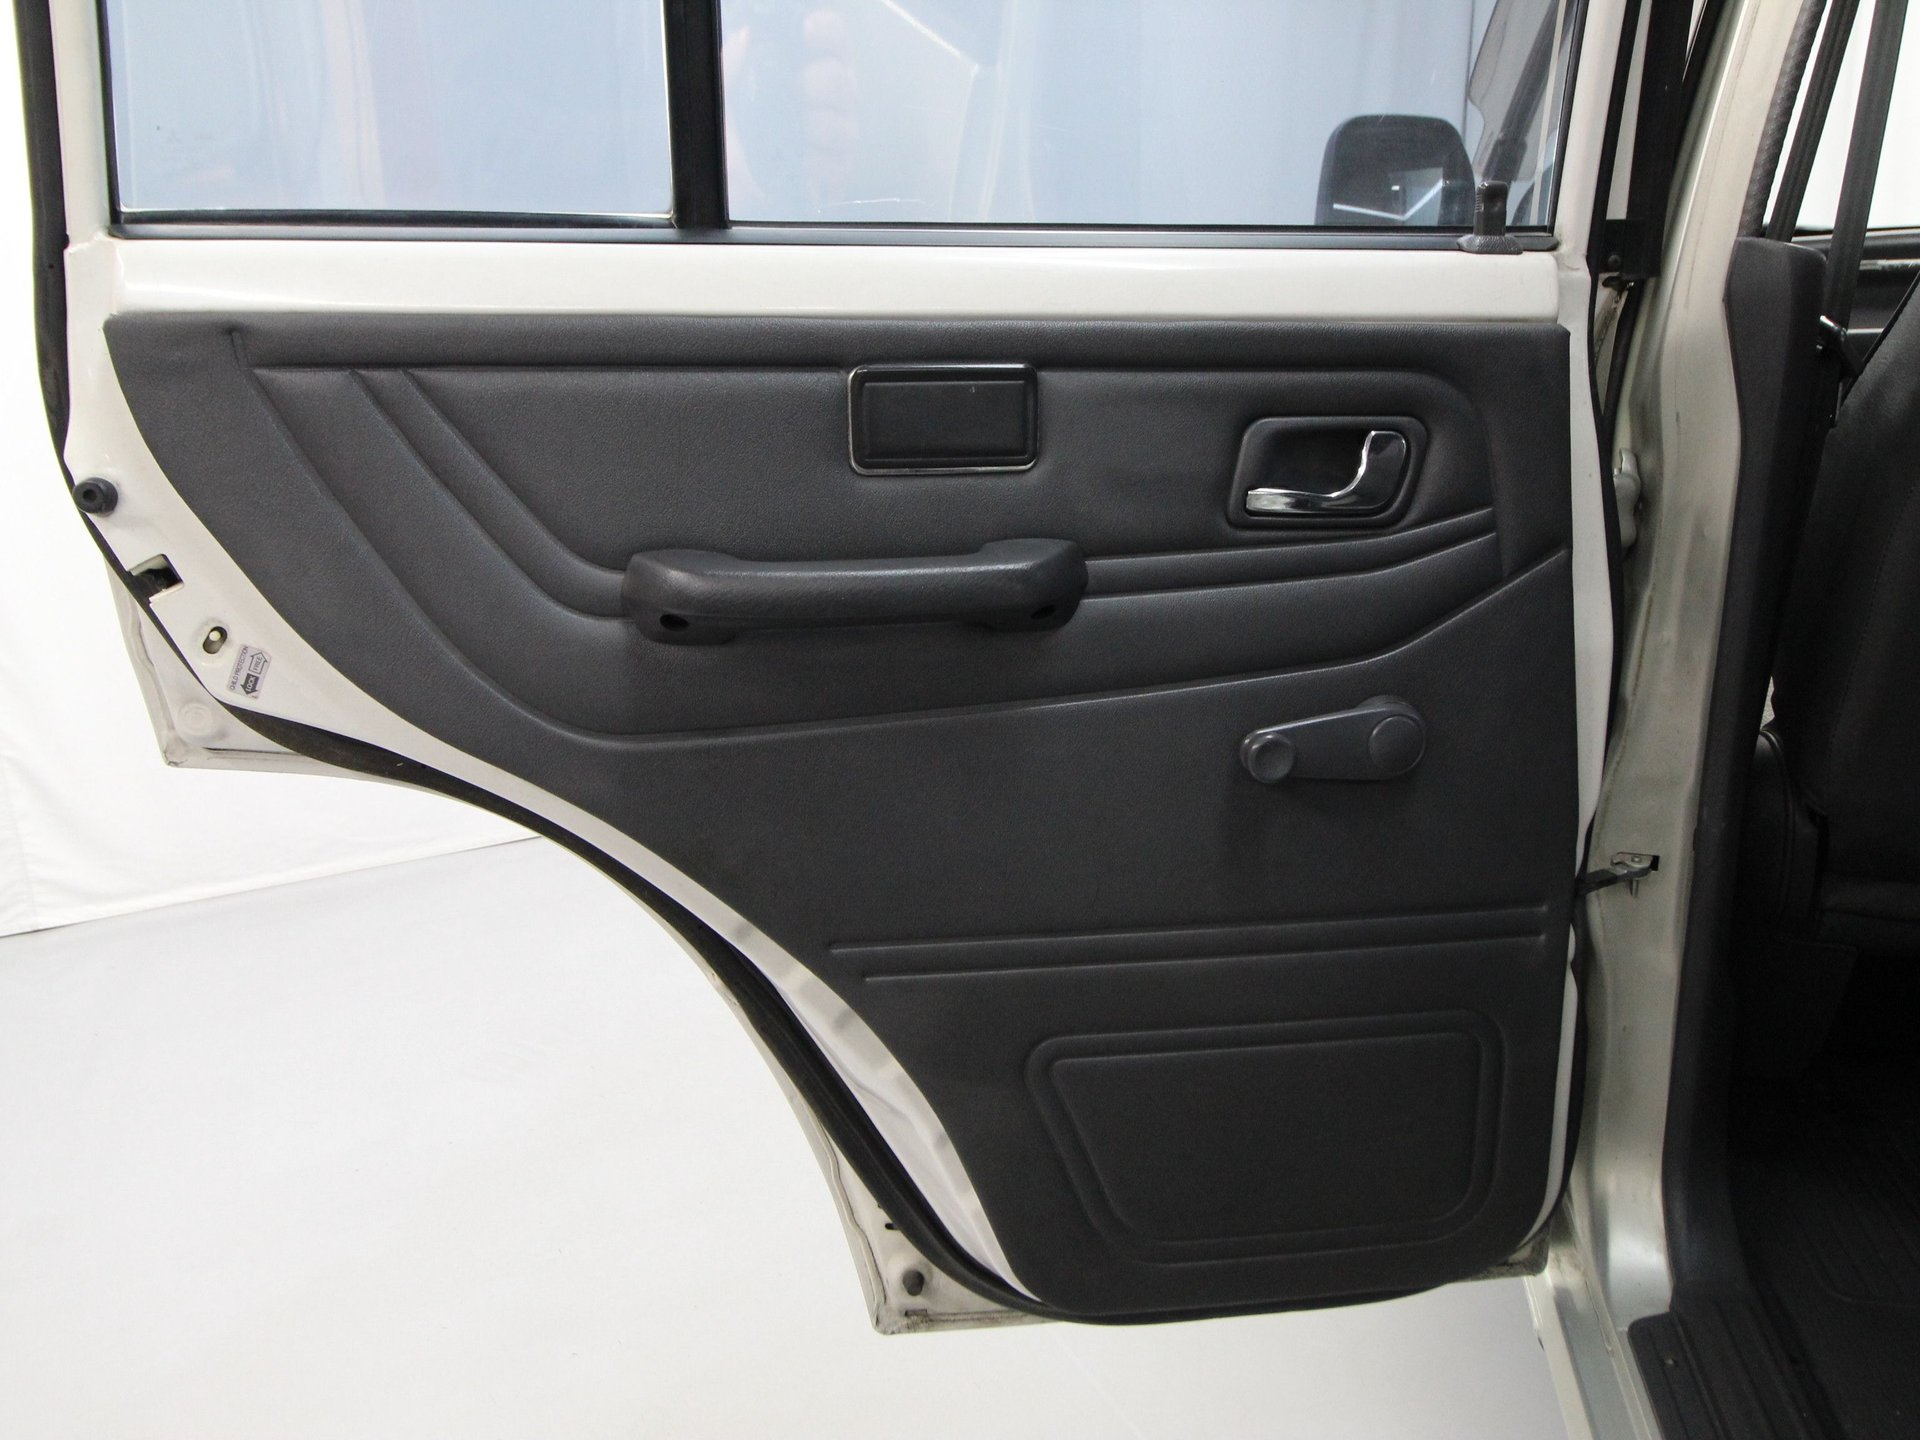 1994 Mitsubishi Pajero